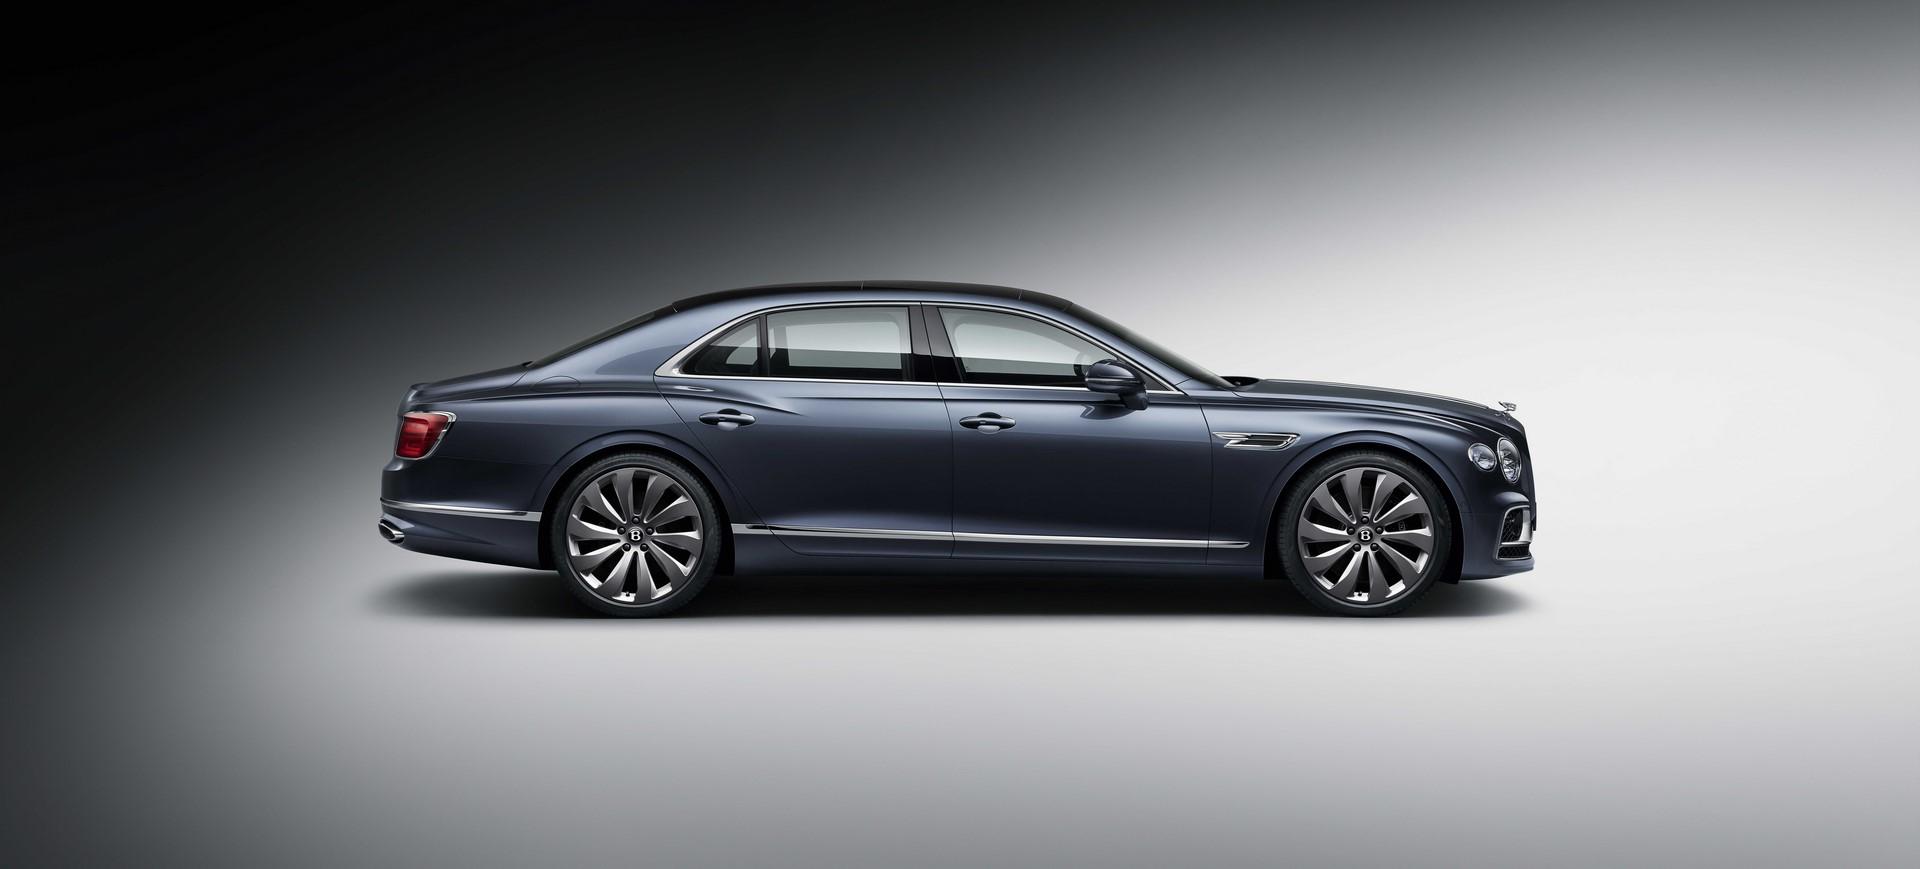 New-Bentley-Flying-Spur-3